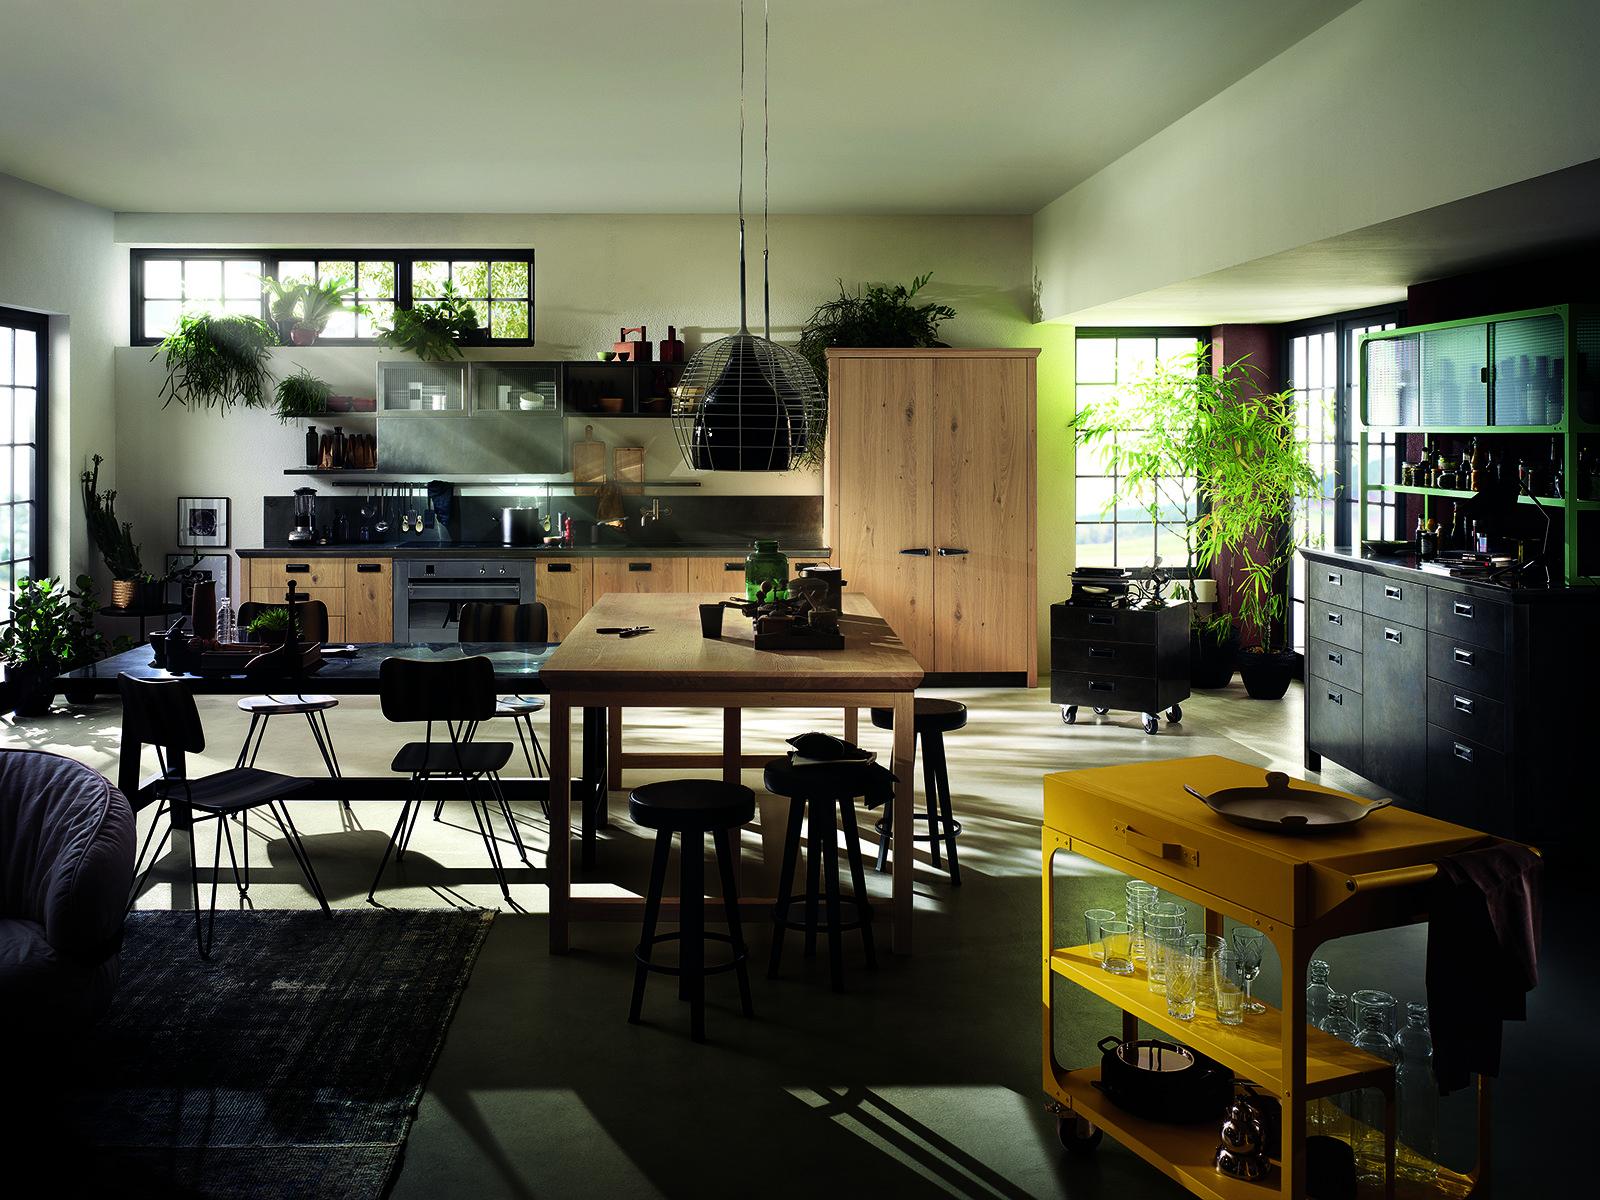 Le Protagoniste Di Diesel Social Kitchen Di Scavolini Sono Le Ante In  #9D782E 1600 1200 Foto Di Cucine Vecchie